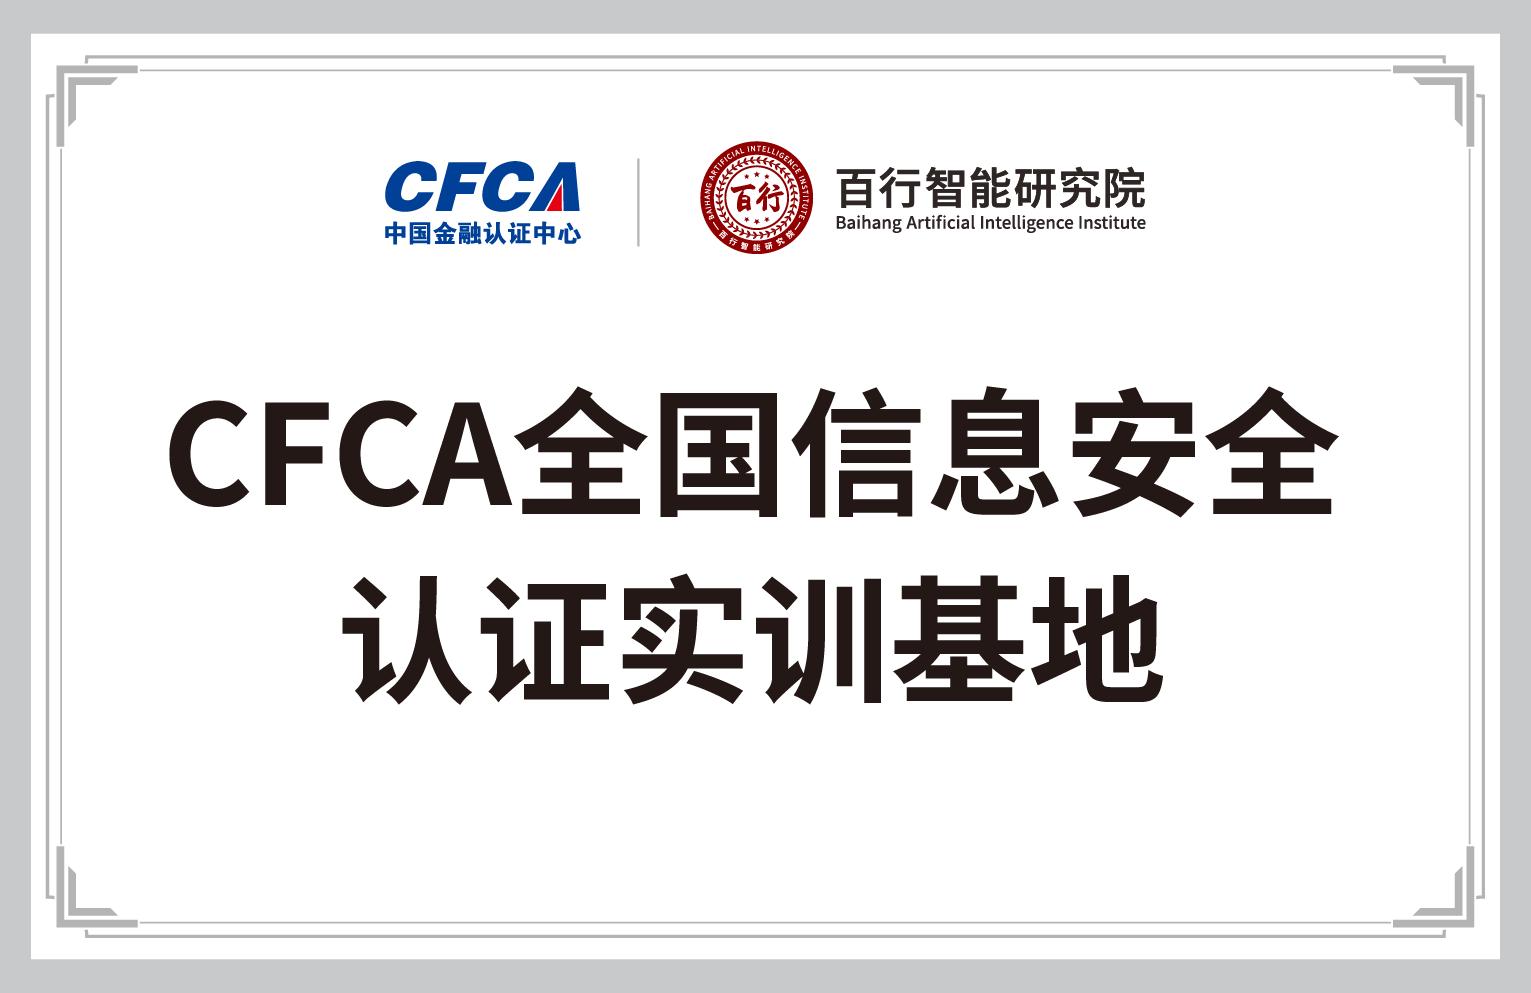 中国金融认证中心-百行智能研究院-CFCA全国信息安全认证实训基地